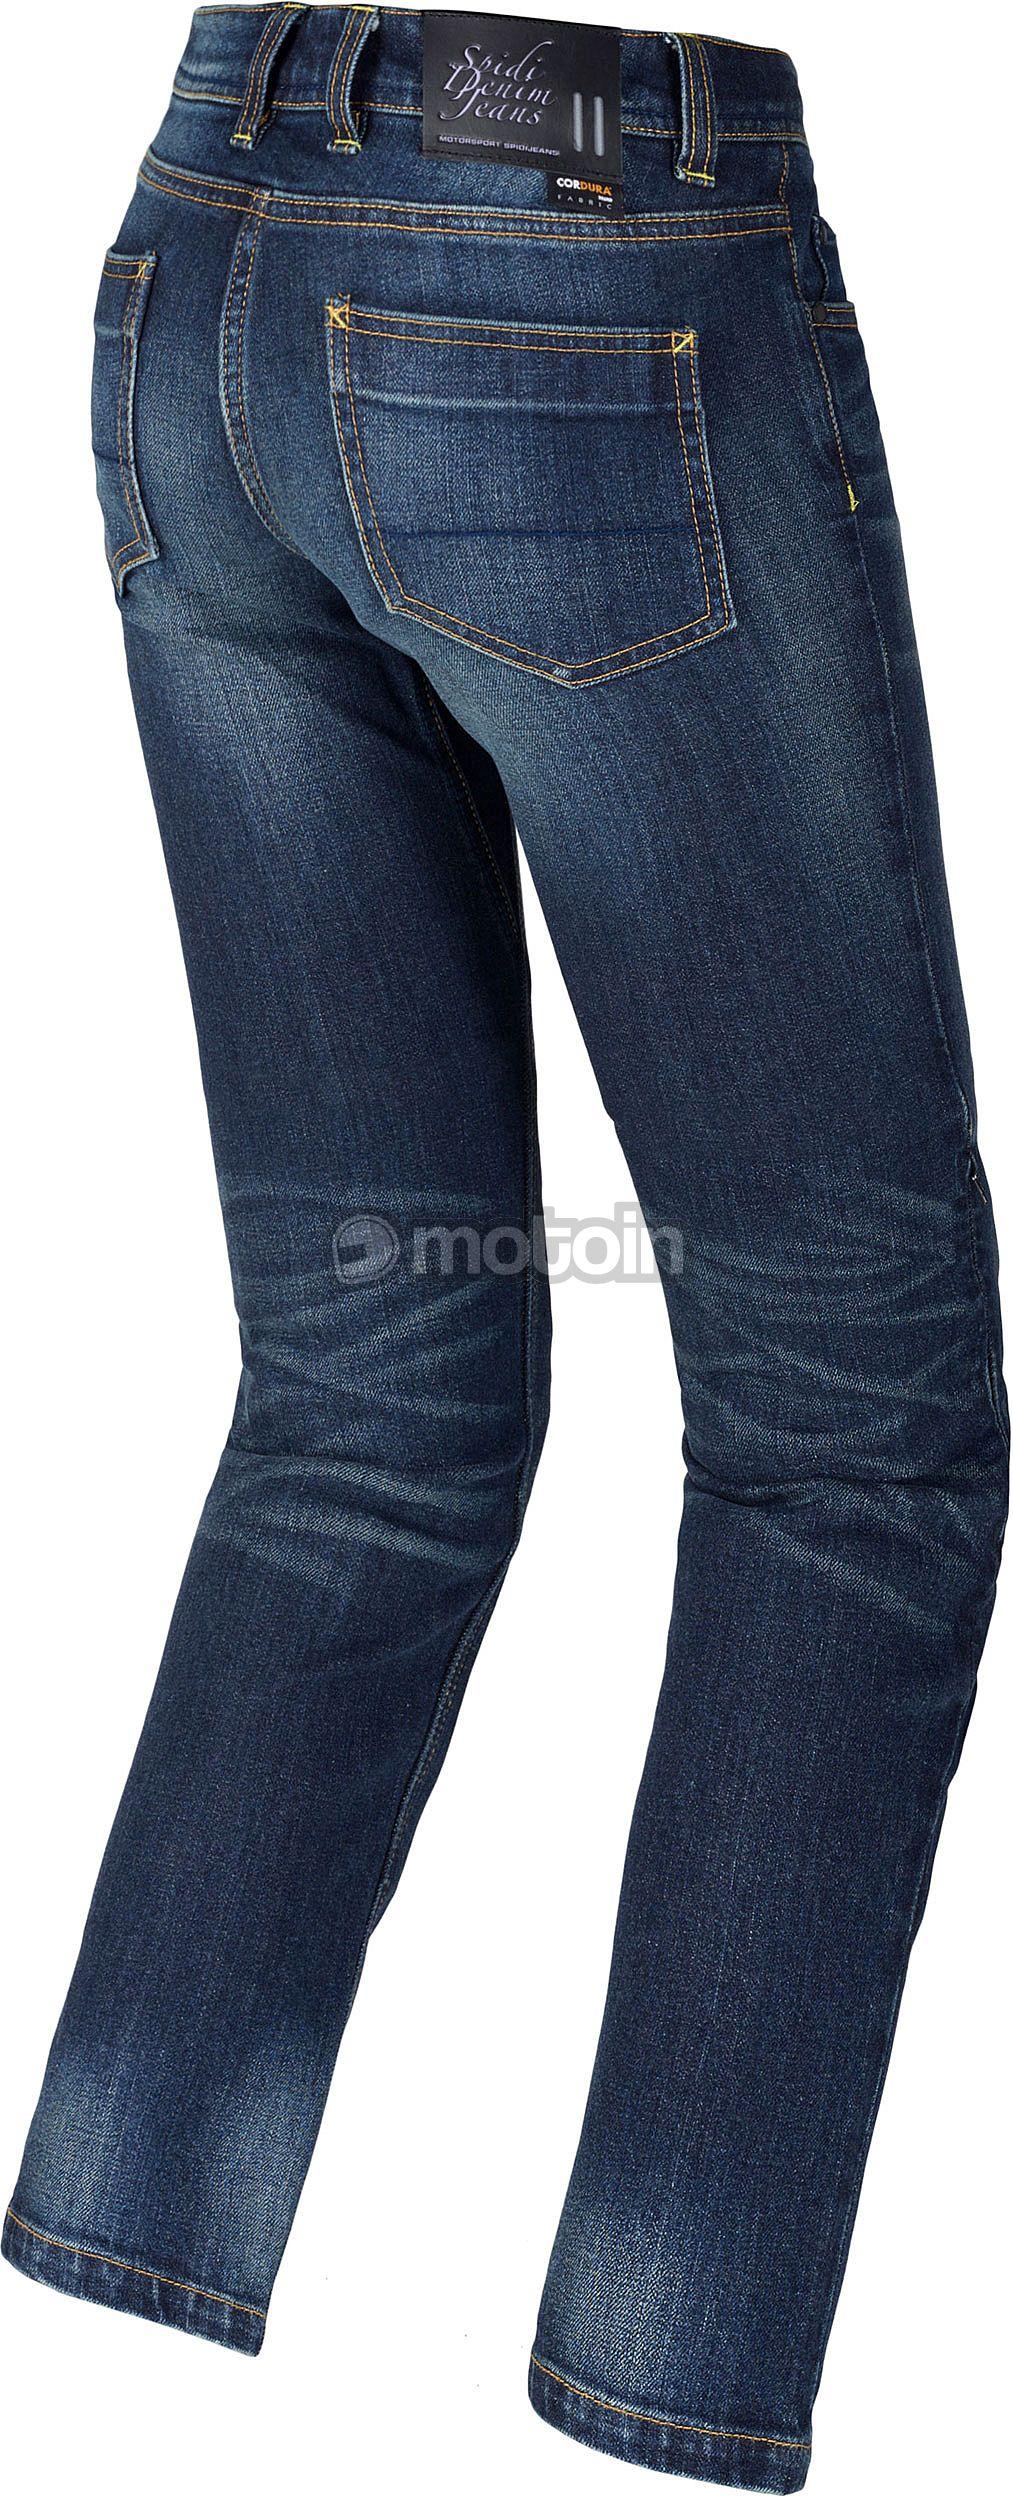 Jeans tissu coton bleu foncé fermement Denim pour Vêtements Pantalon Veste au mètre